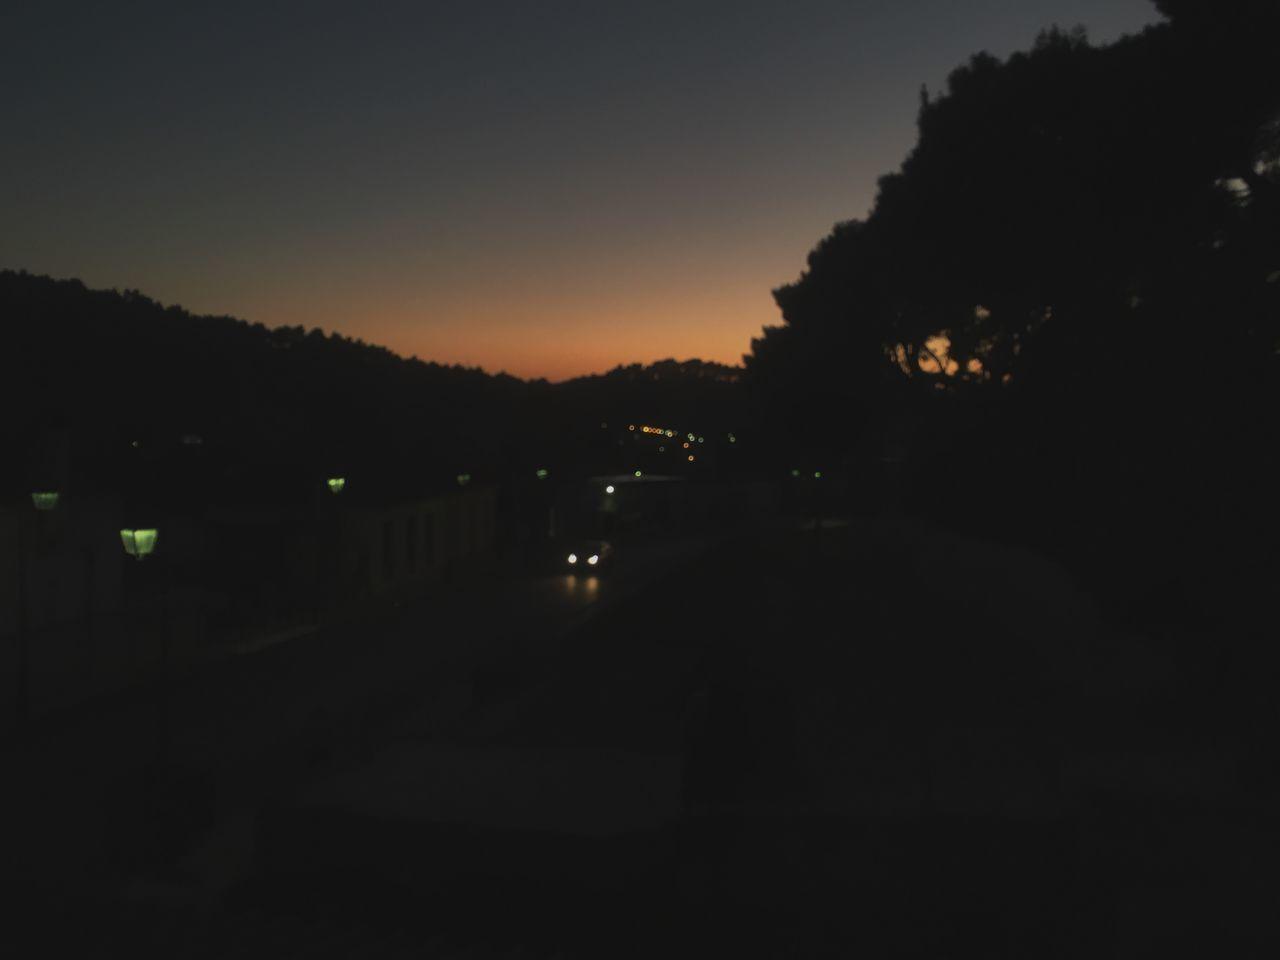 dark, night, silhouette, no people, nature, outdoors, sky